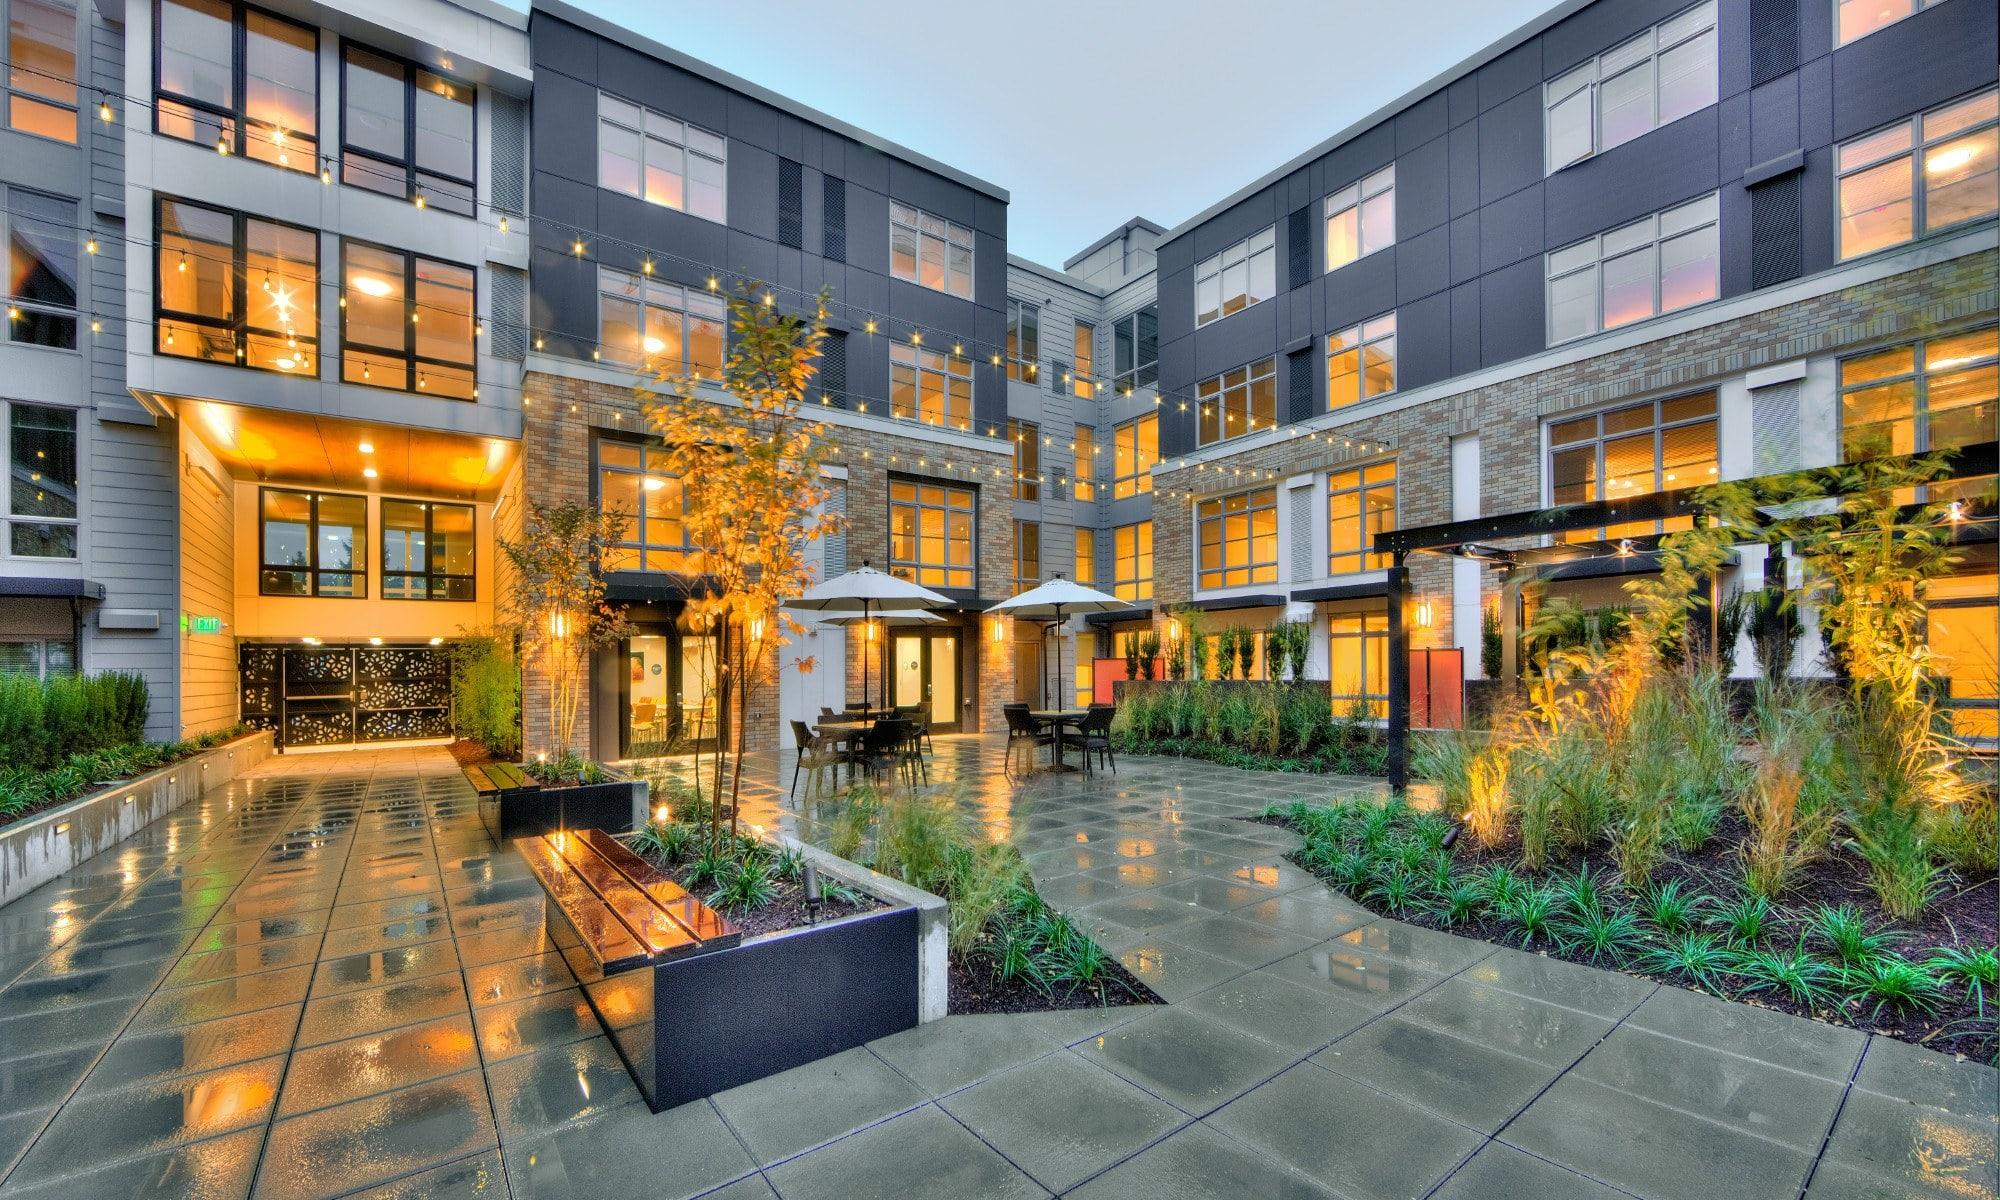 2 Bedroom Apartments Denver Capitol Hill Denver 2 Bedroom